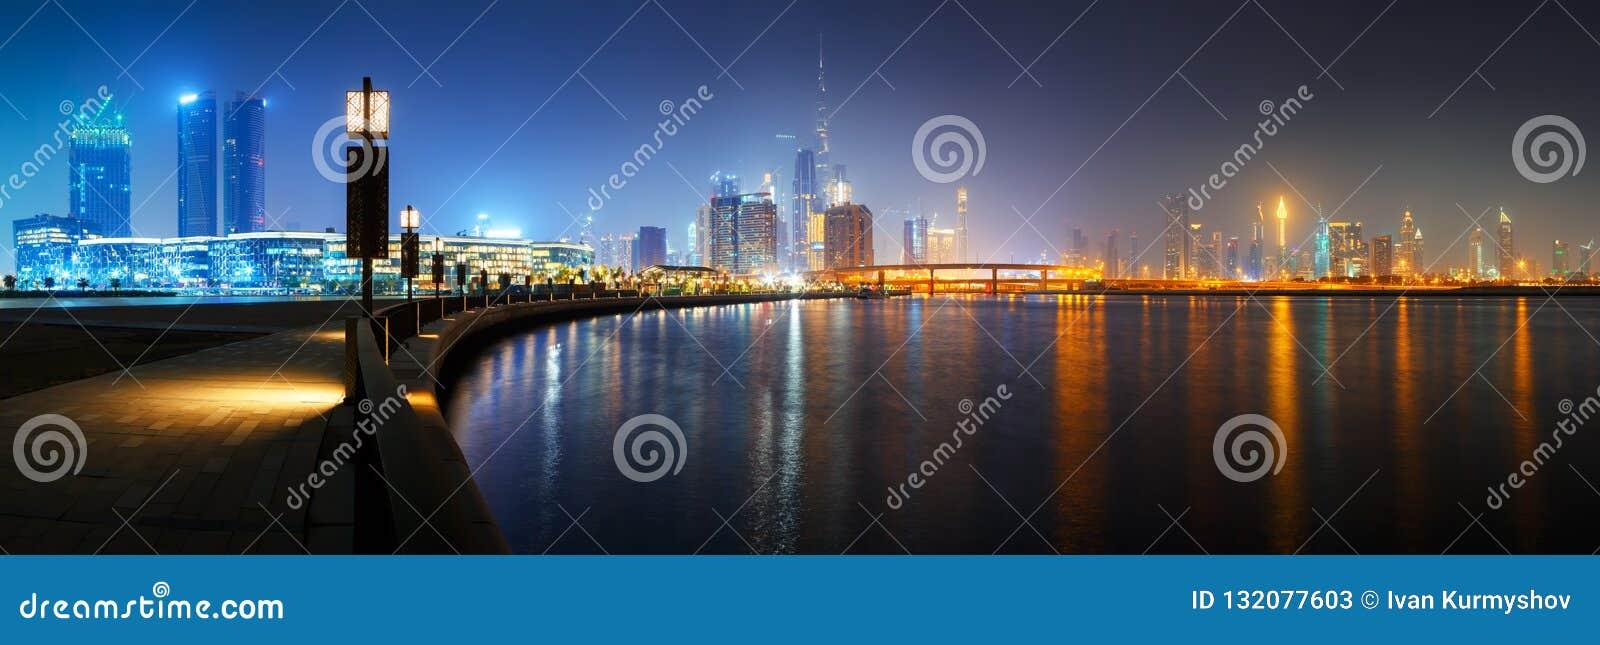 Horizonte céntrico del centro de ciudad de Dubai